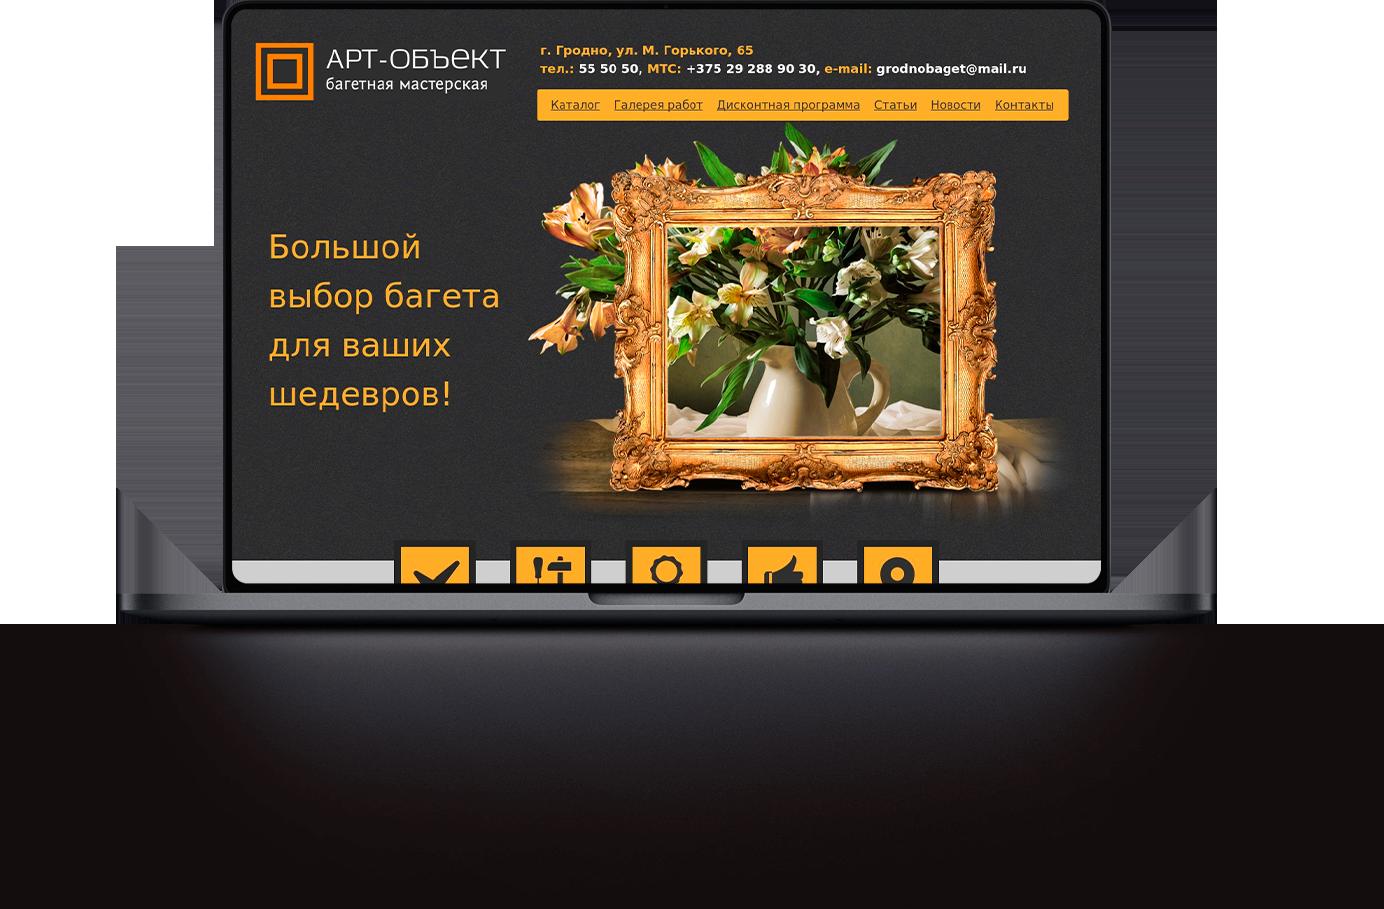 Сайт-каталог багетной мастерской